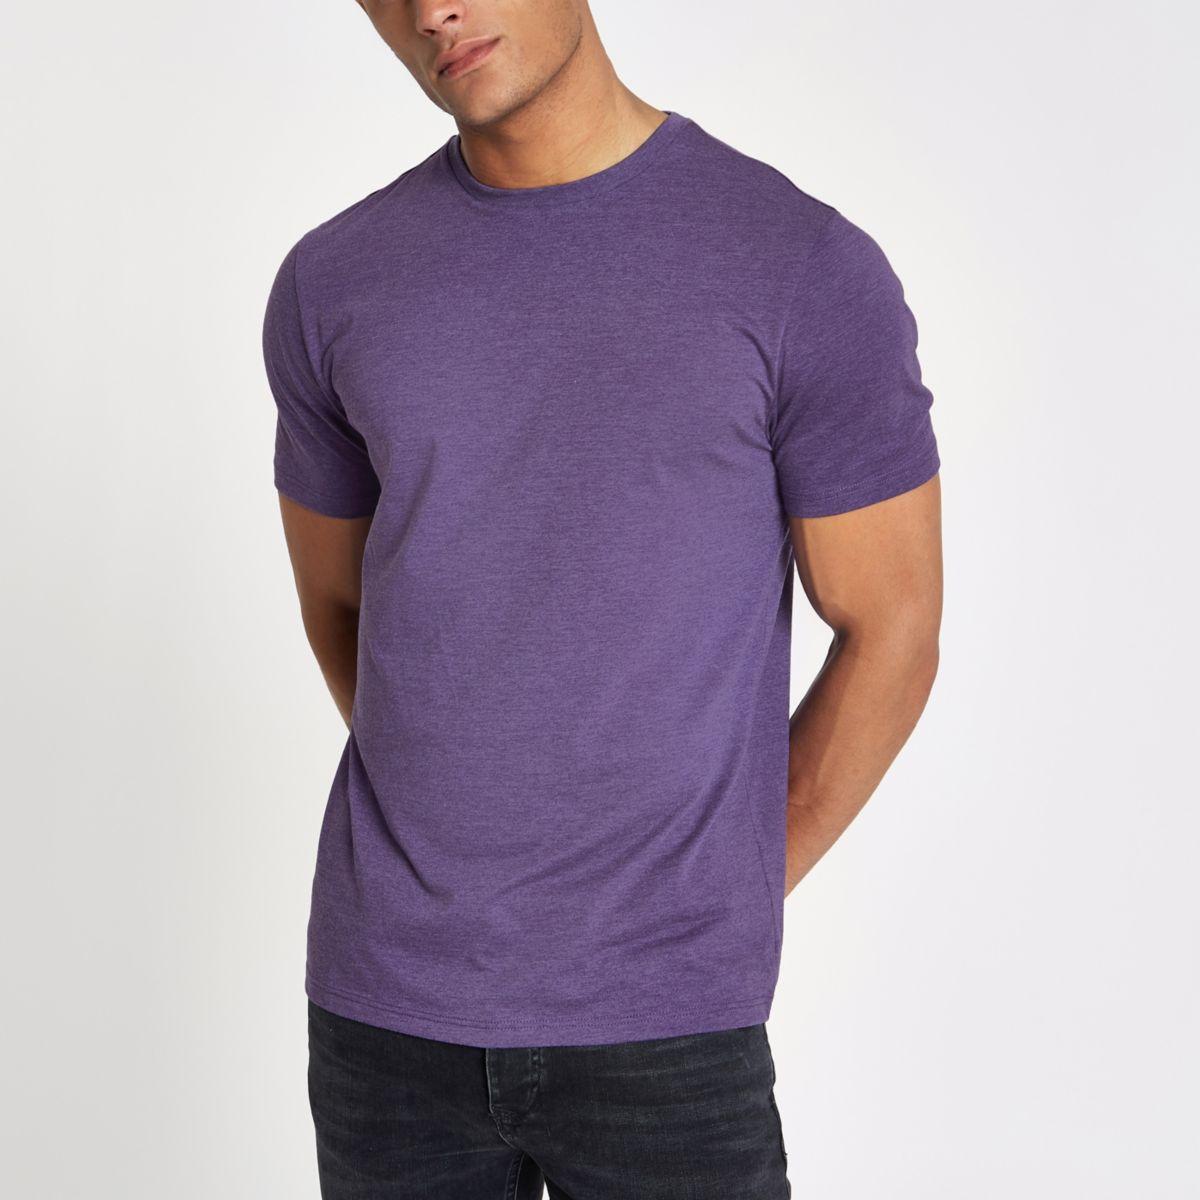 Purple marl slim fit crew neck T-shirt